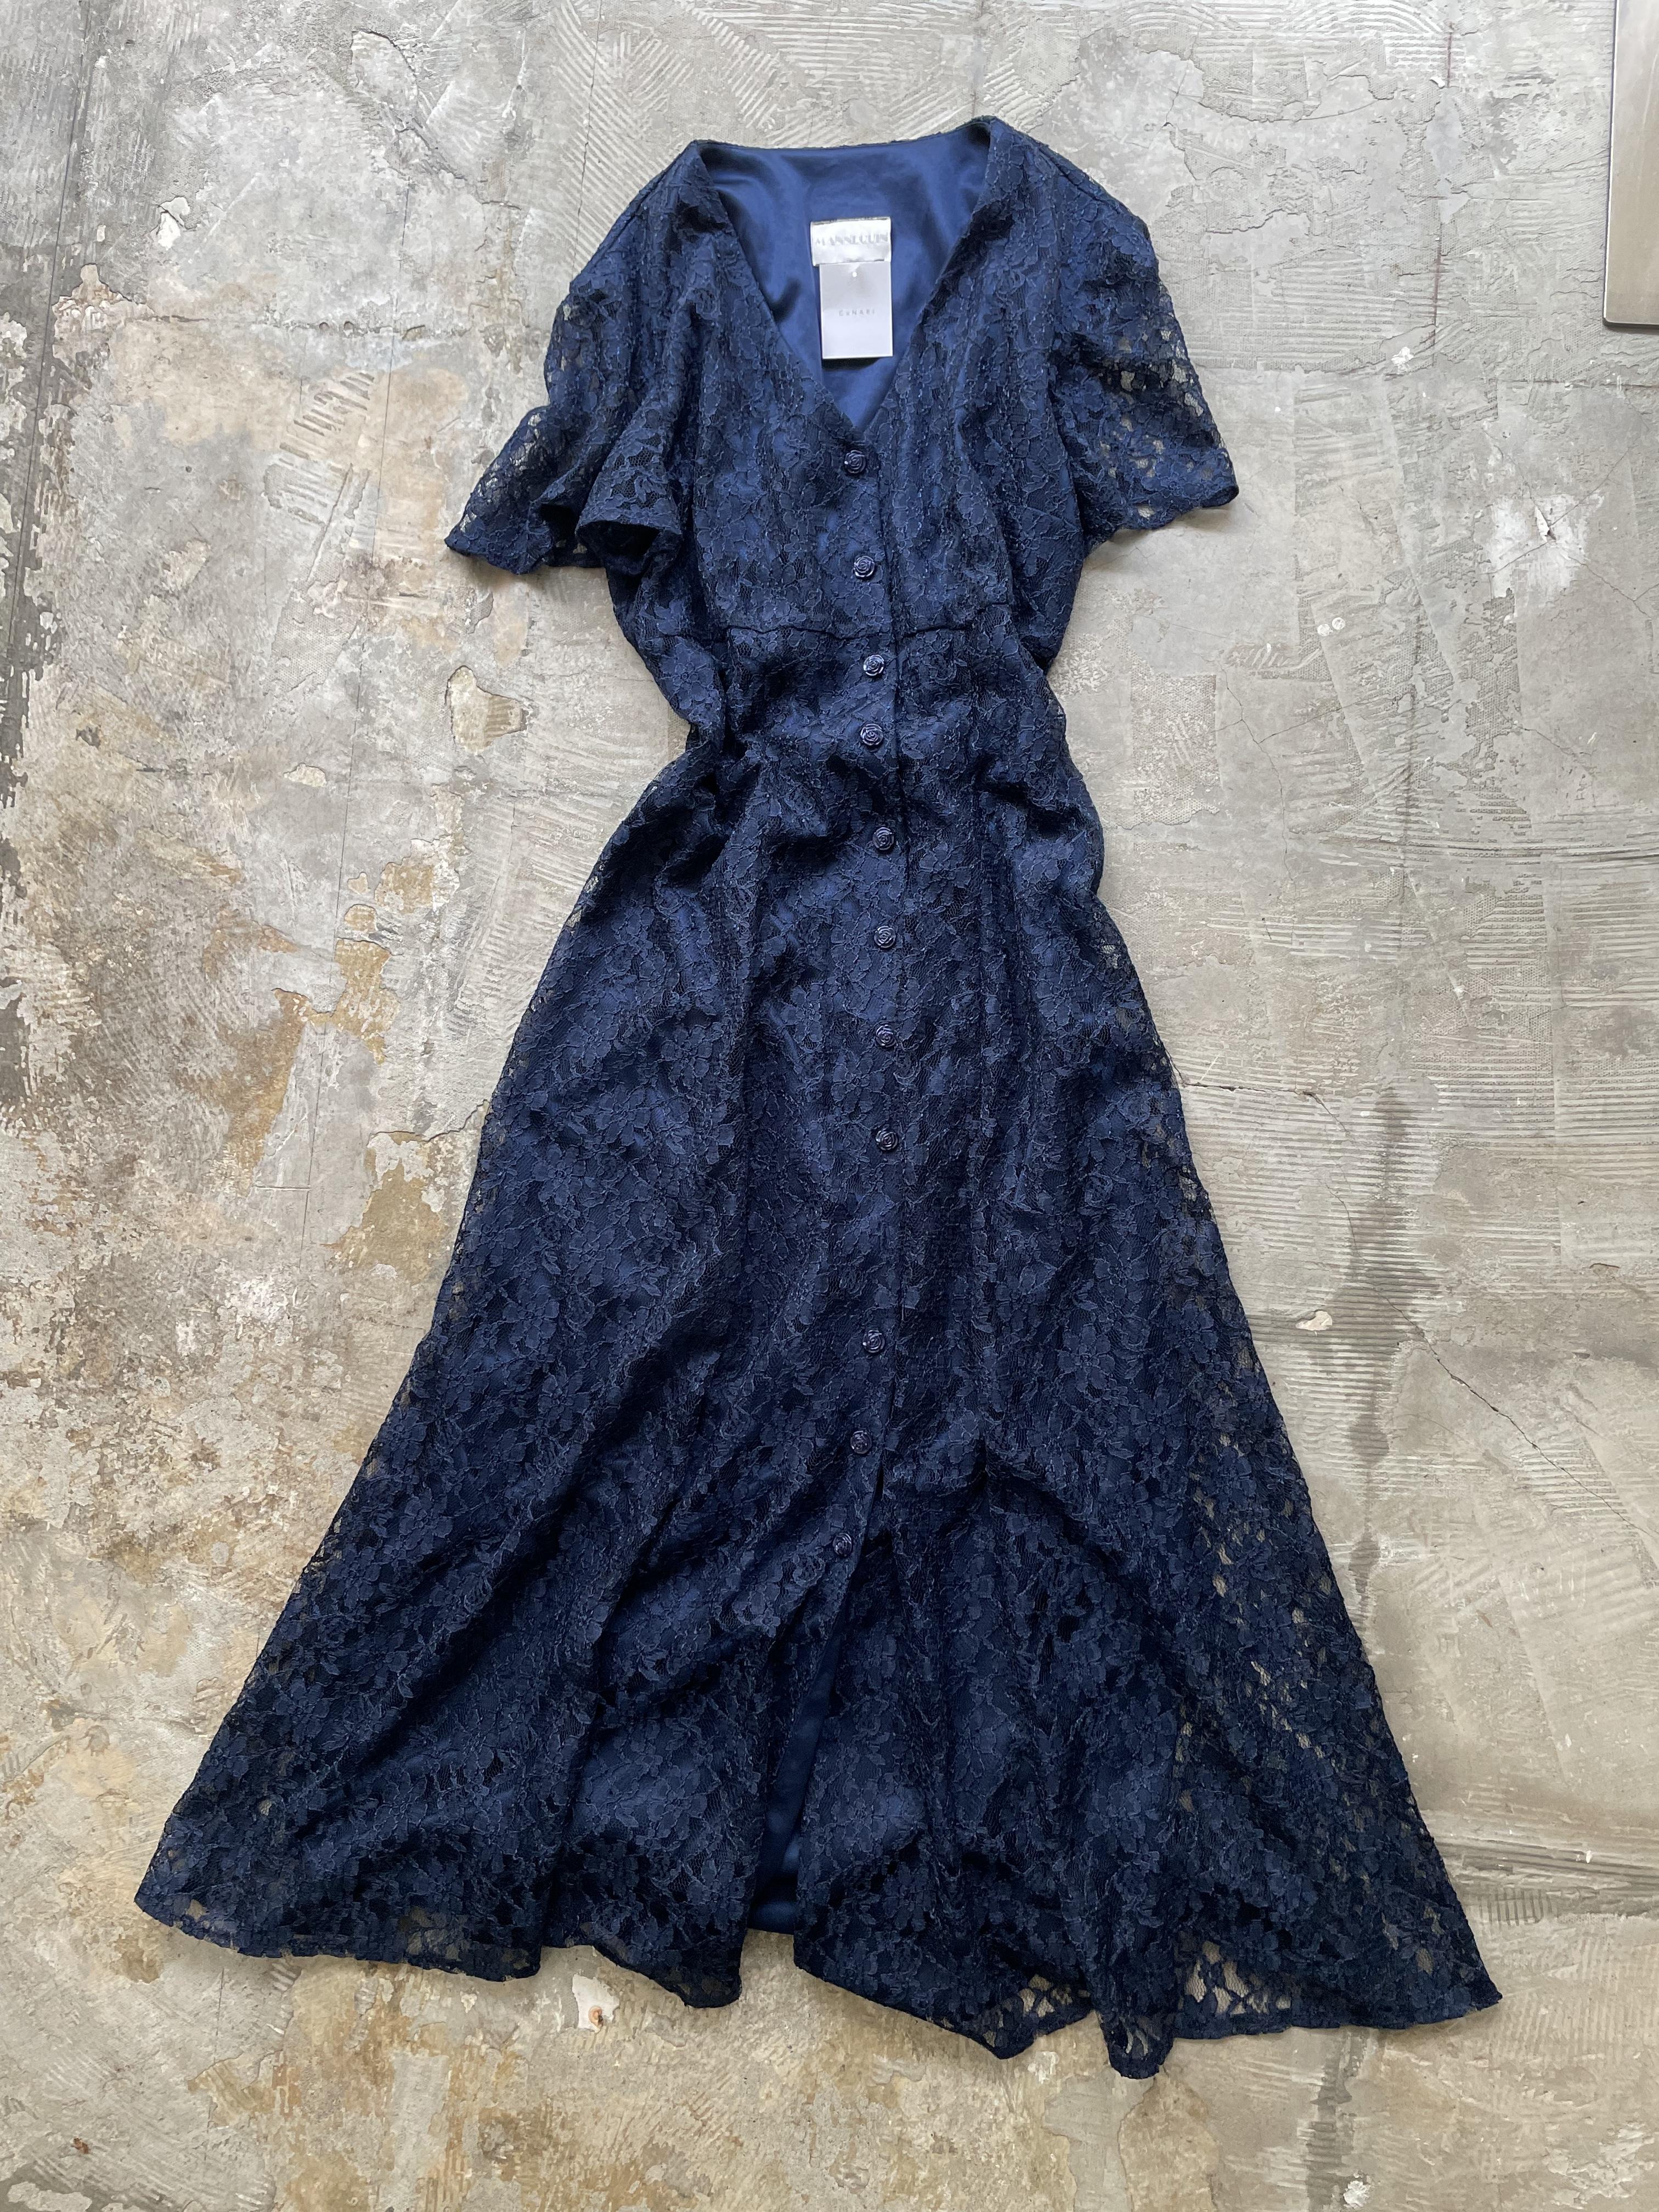 vintage lace dress / navy